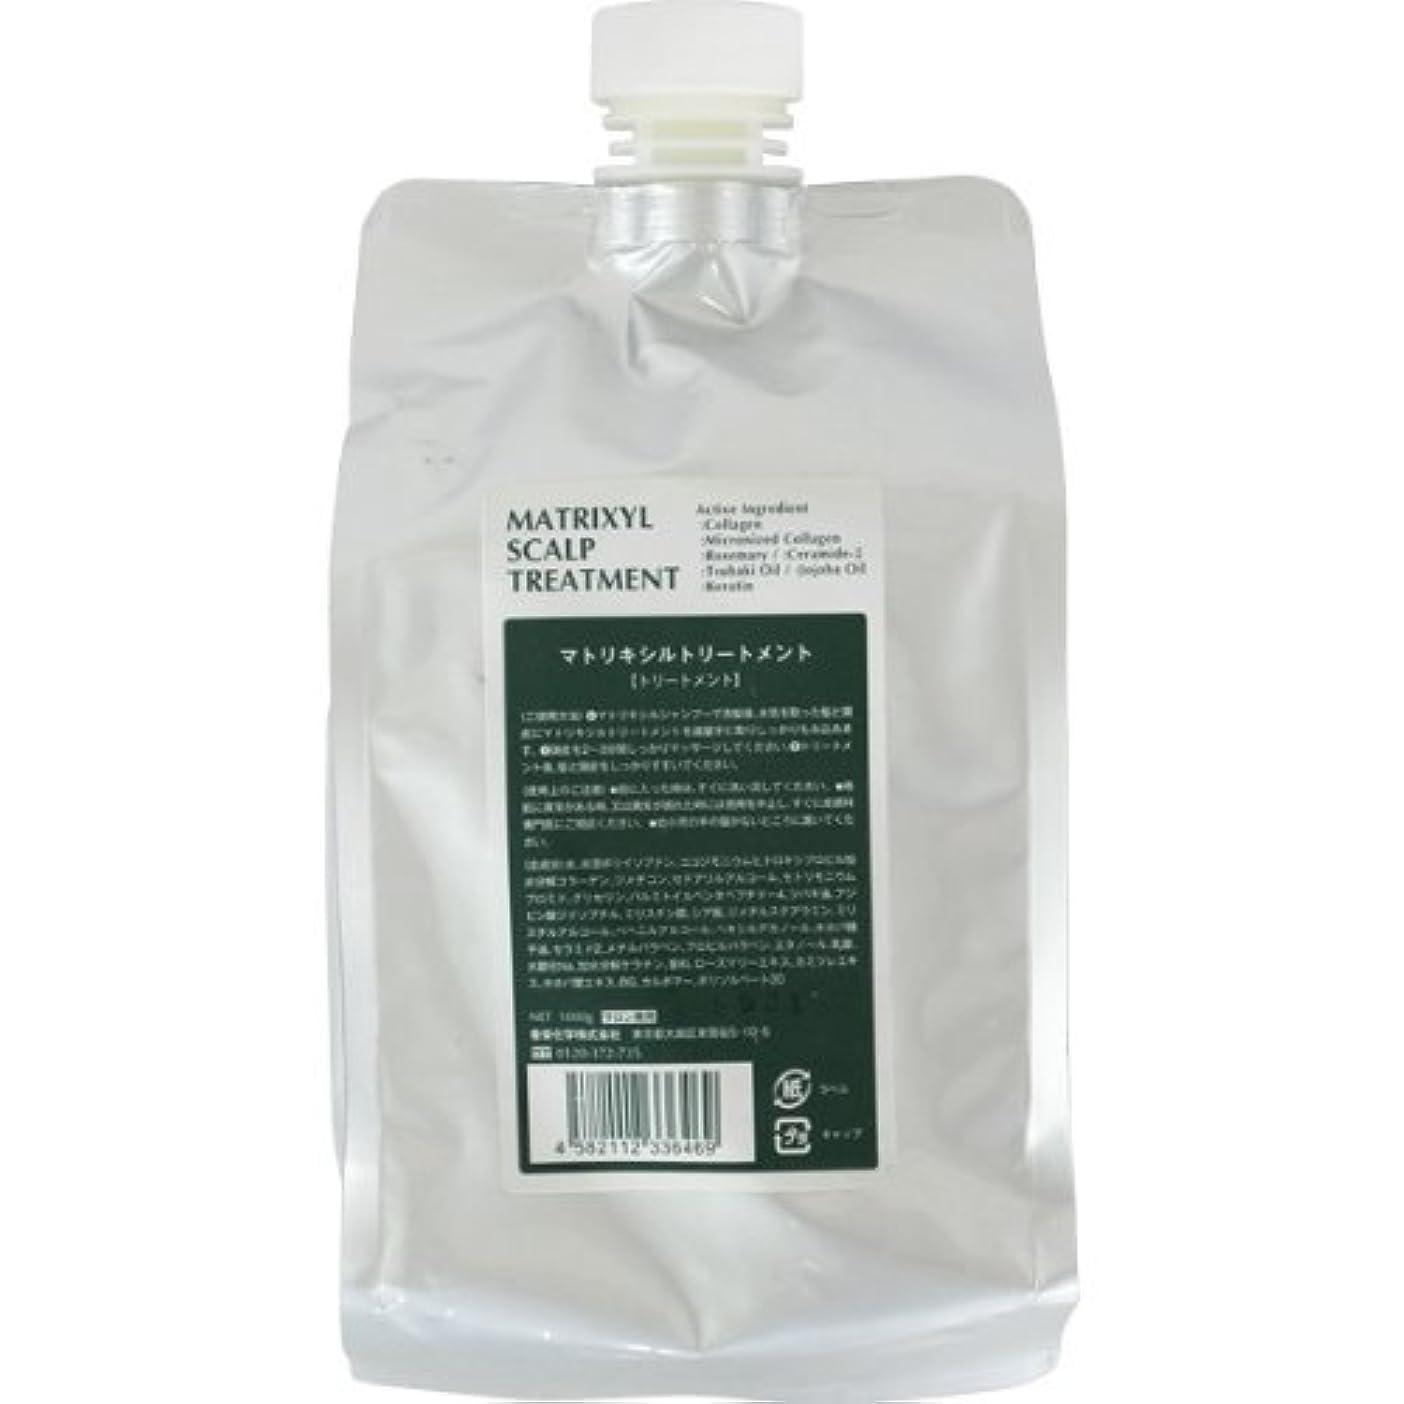 スクレーパーリスキーな引く香栄化学 マトリキシル スキャルプトリートメント レフィル 1000g